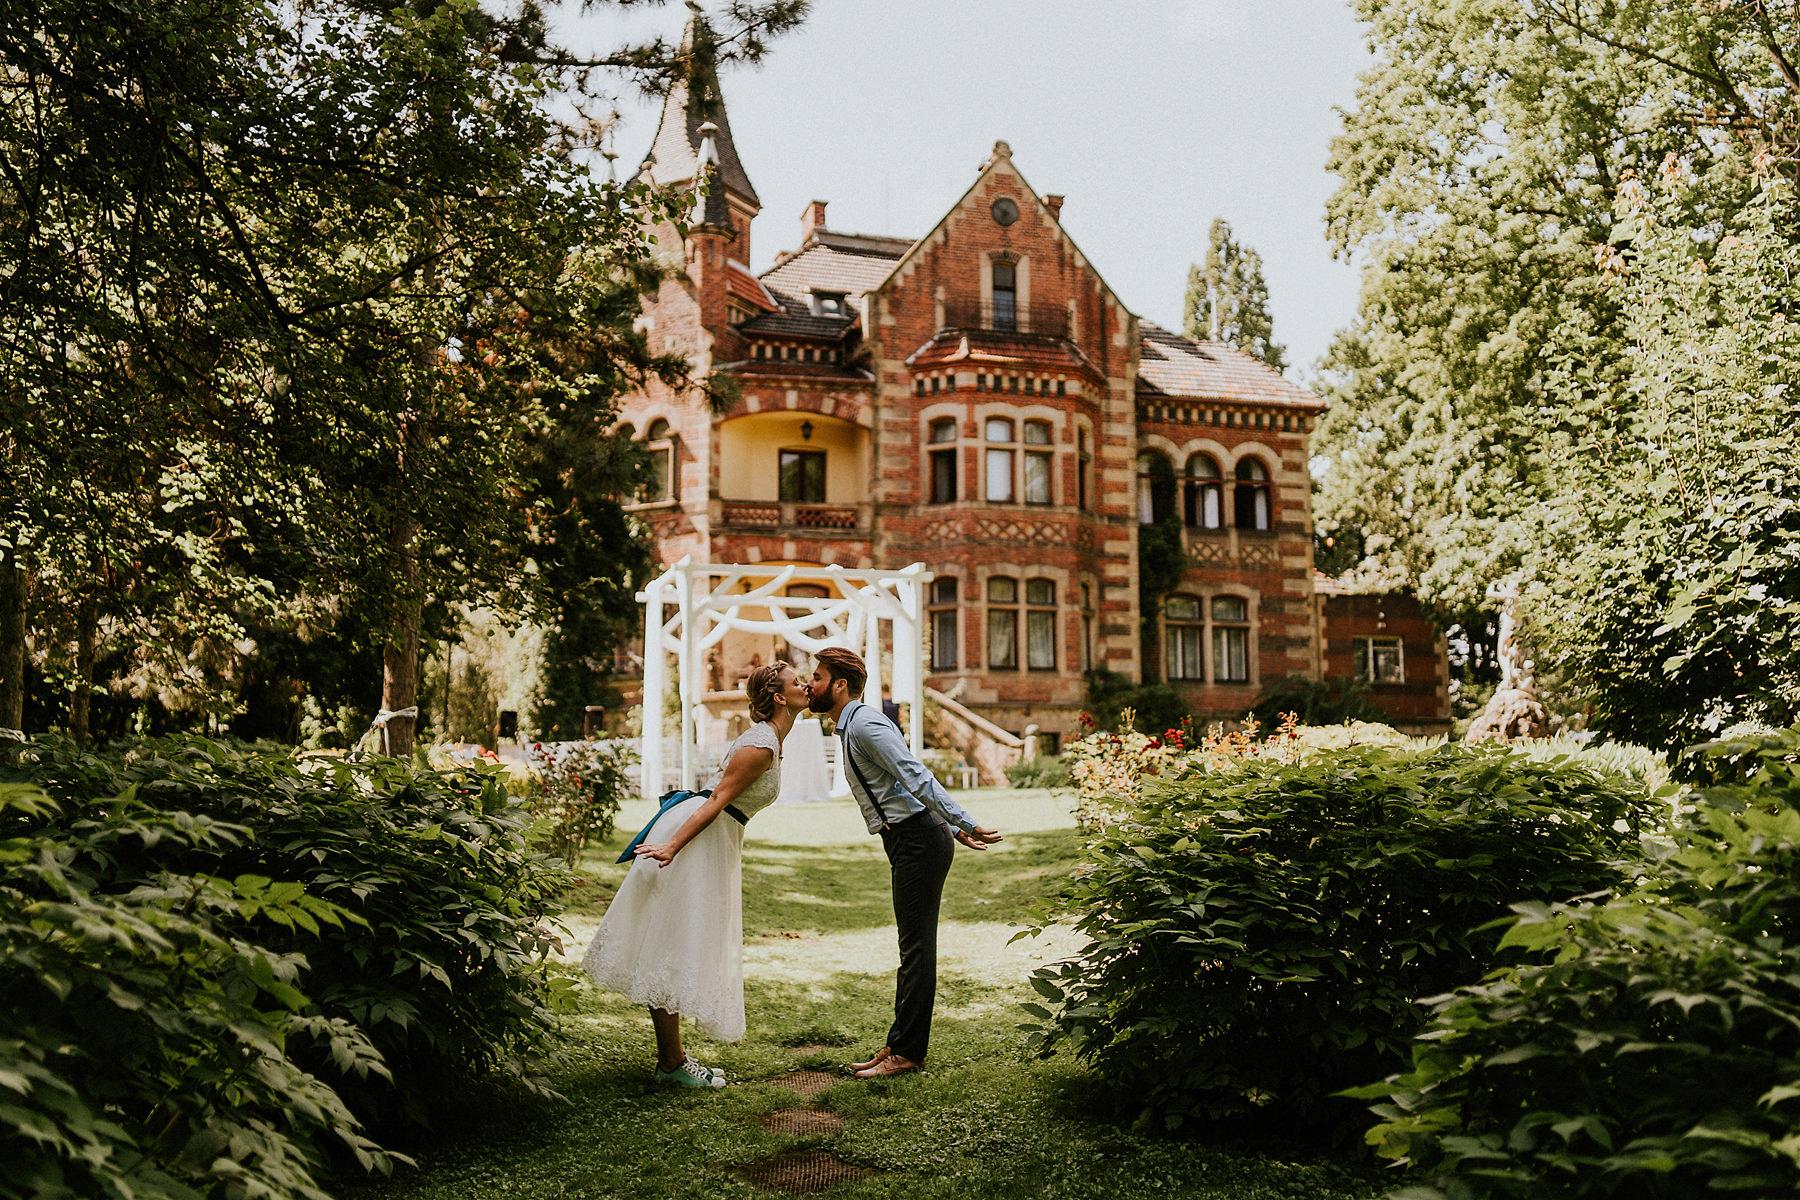 032 palac zelenskich krakow wesele wedding fotograf karol nycz photography